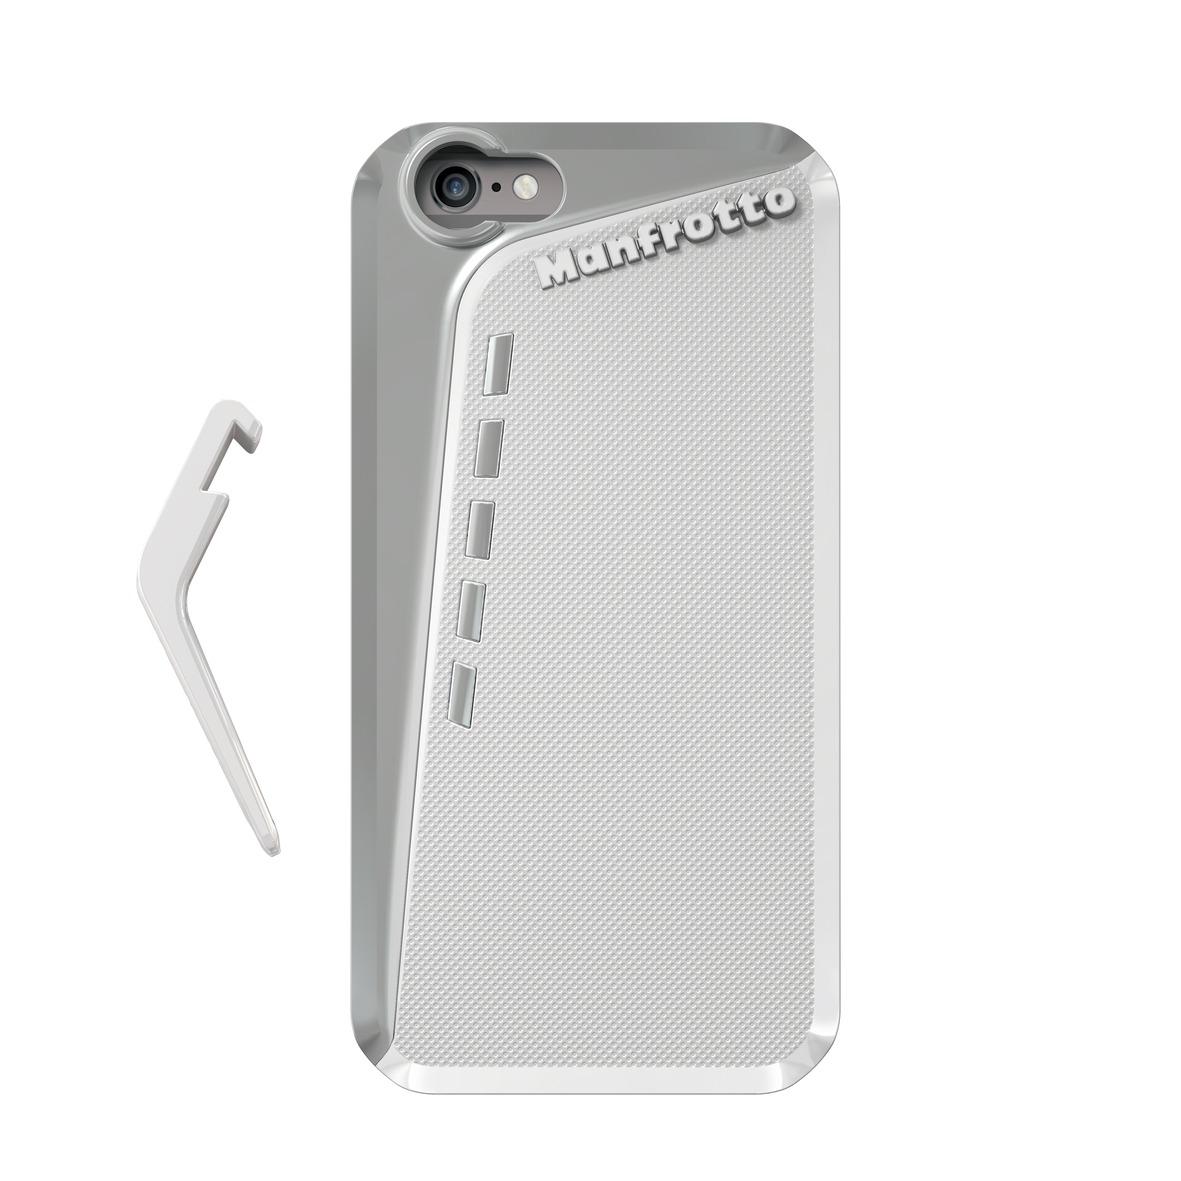 21b9978ad65 manfrotto estuche klyp para iphone 6 plus blanco (mcklyp6p. Cargando zoom.